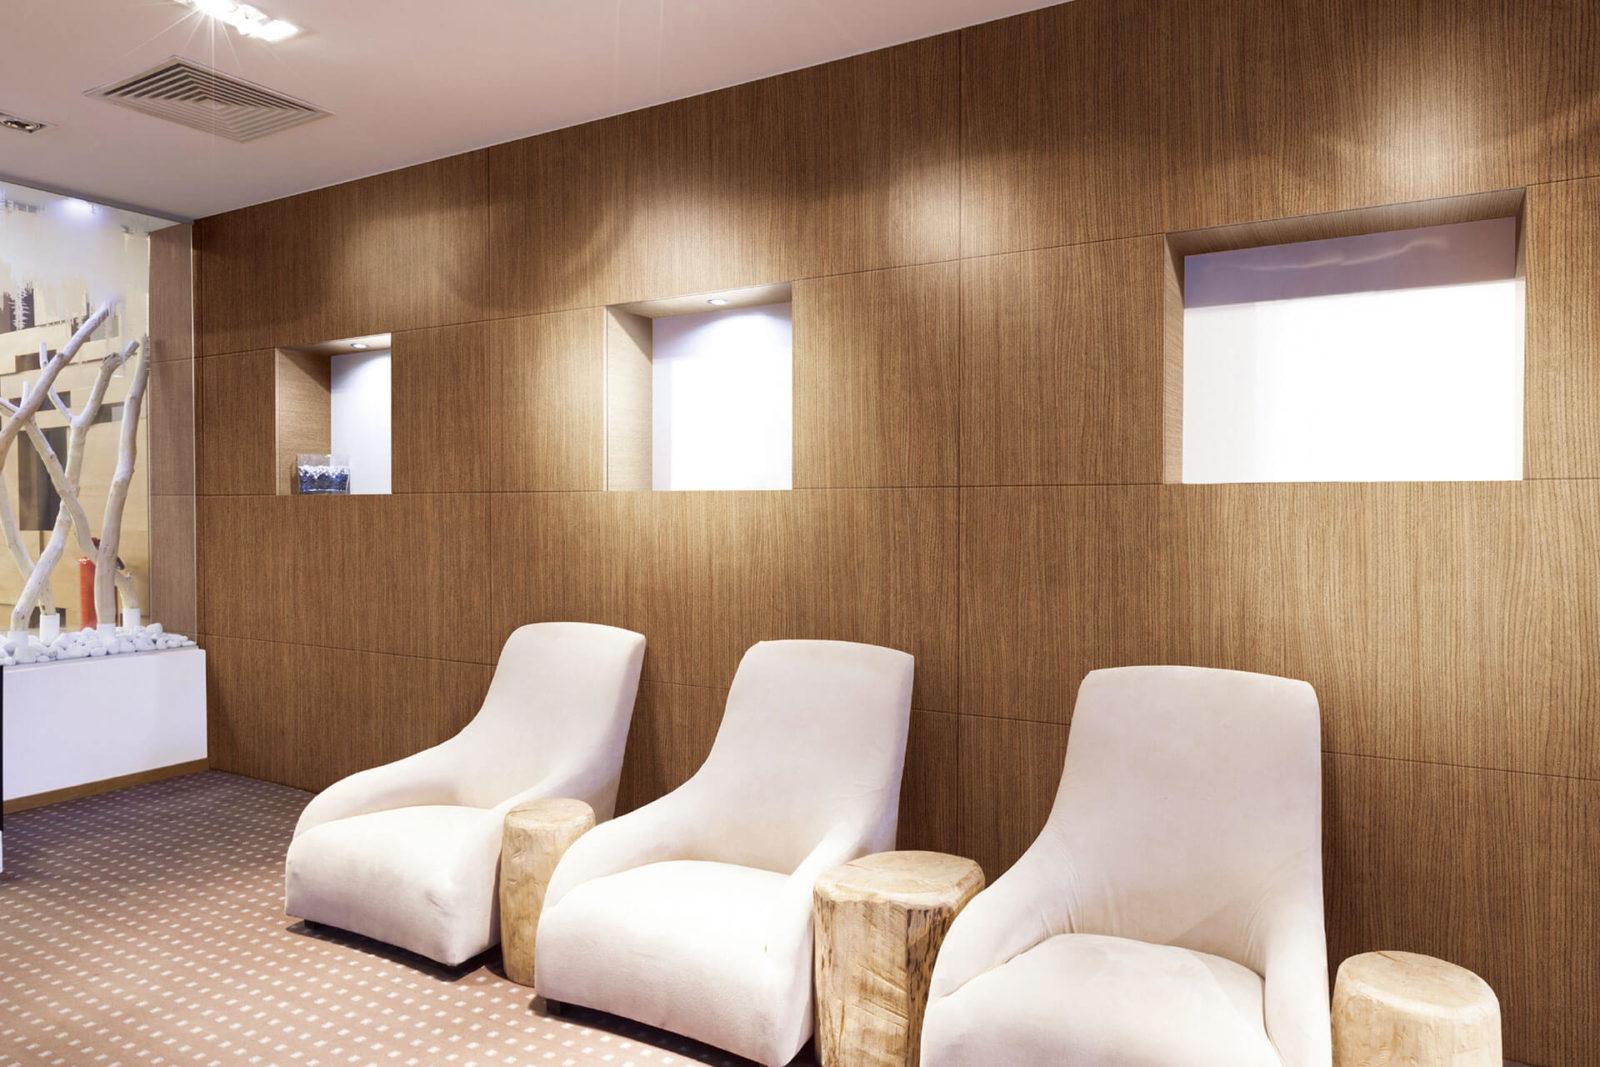 Wand- und Möbelfolien